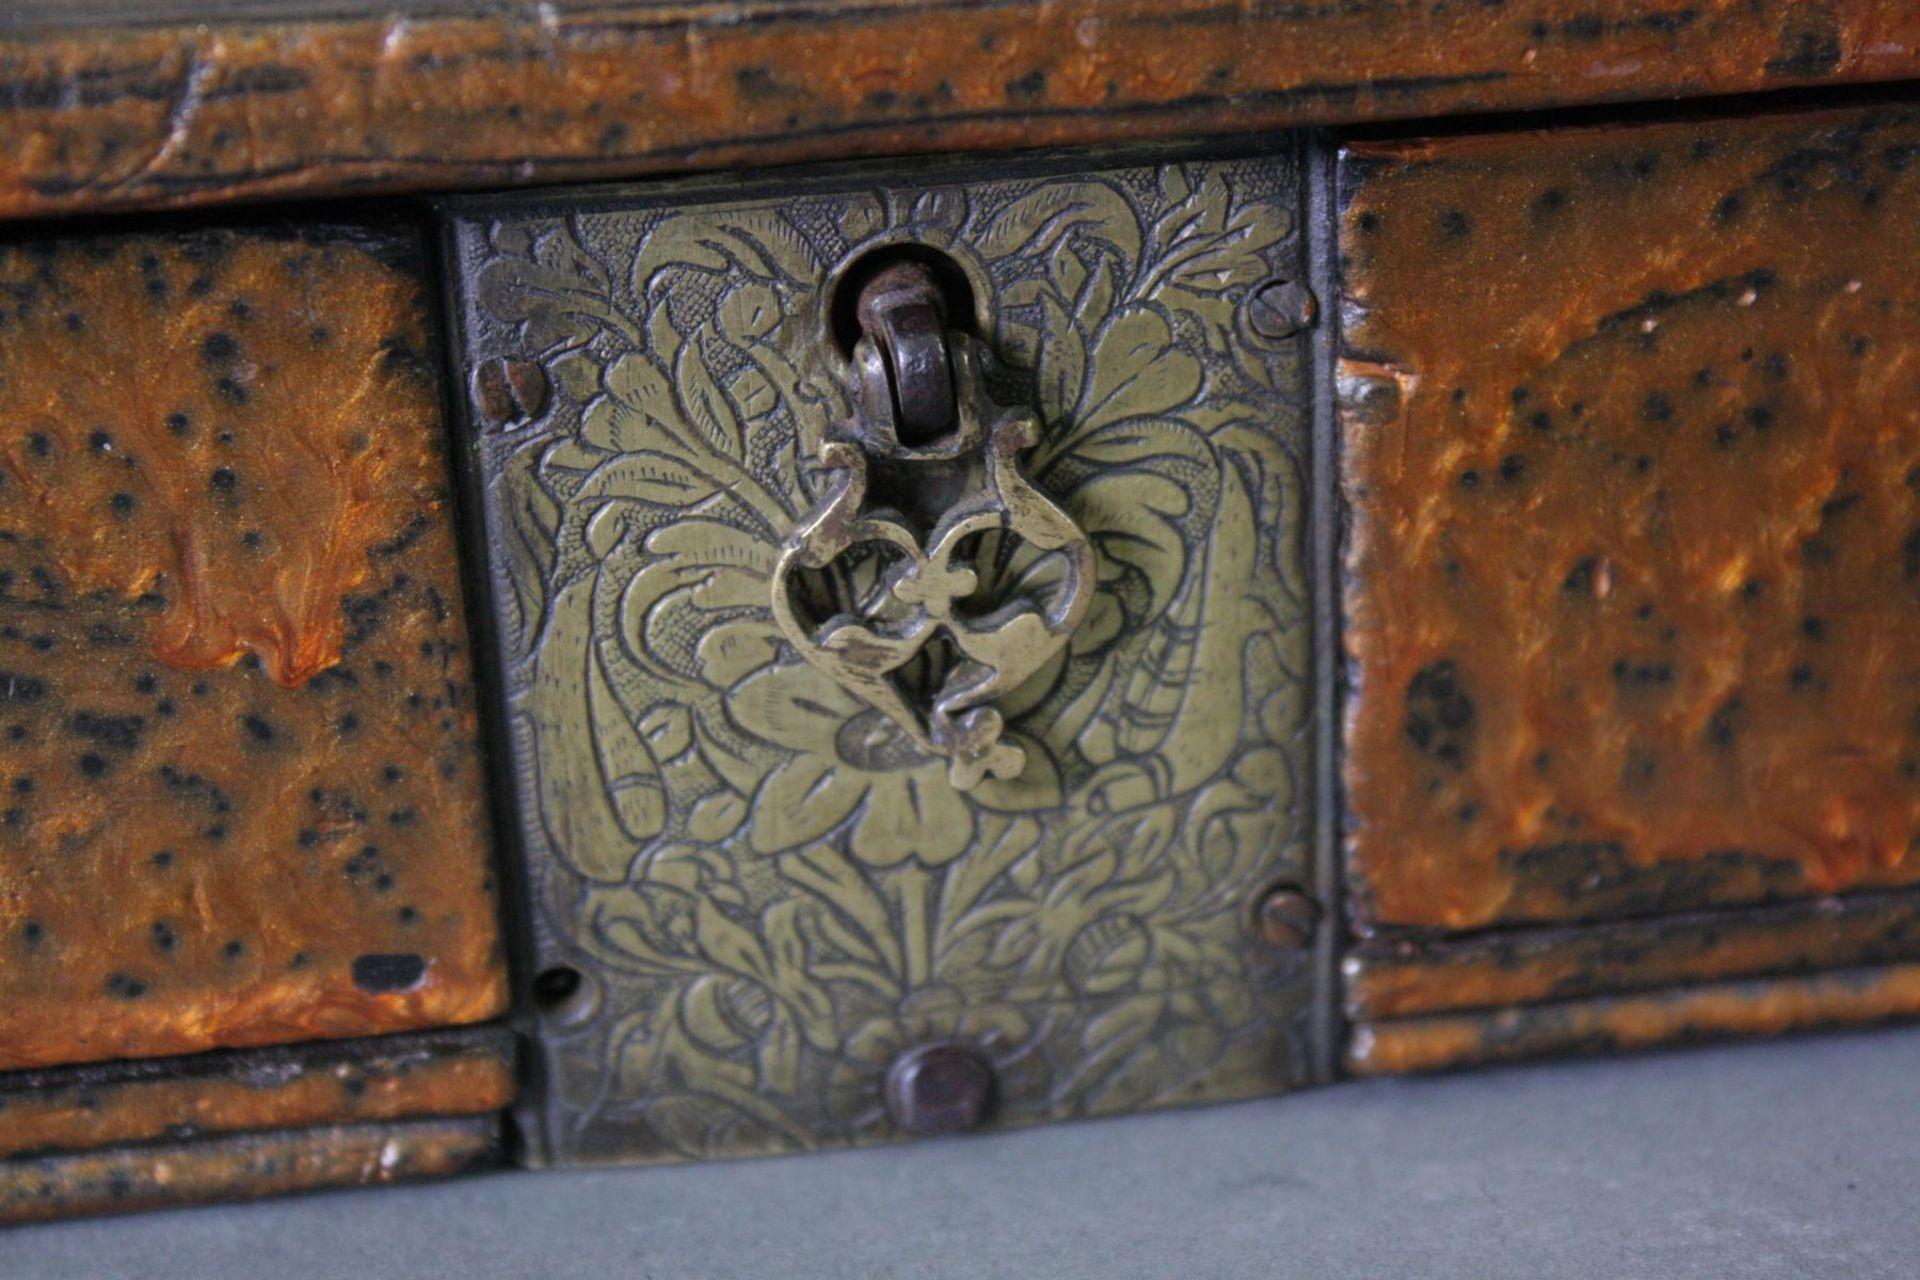 Zwei Waagen im Kasten, Iran 18. Jahrhundert - Bild 3 aus 6